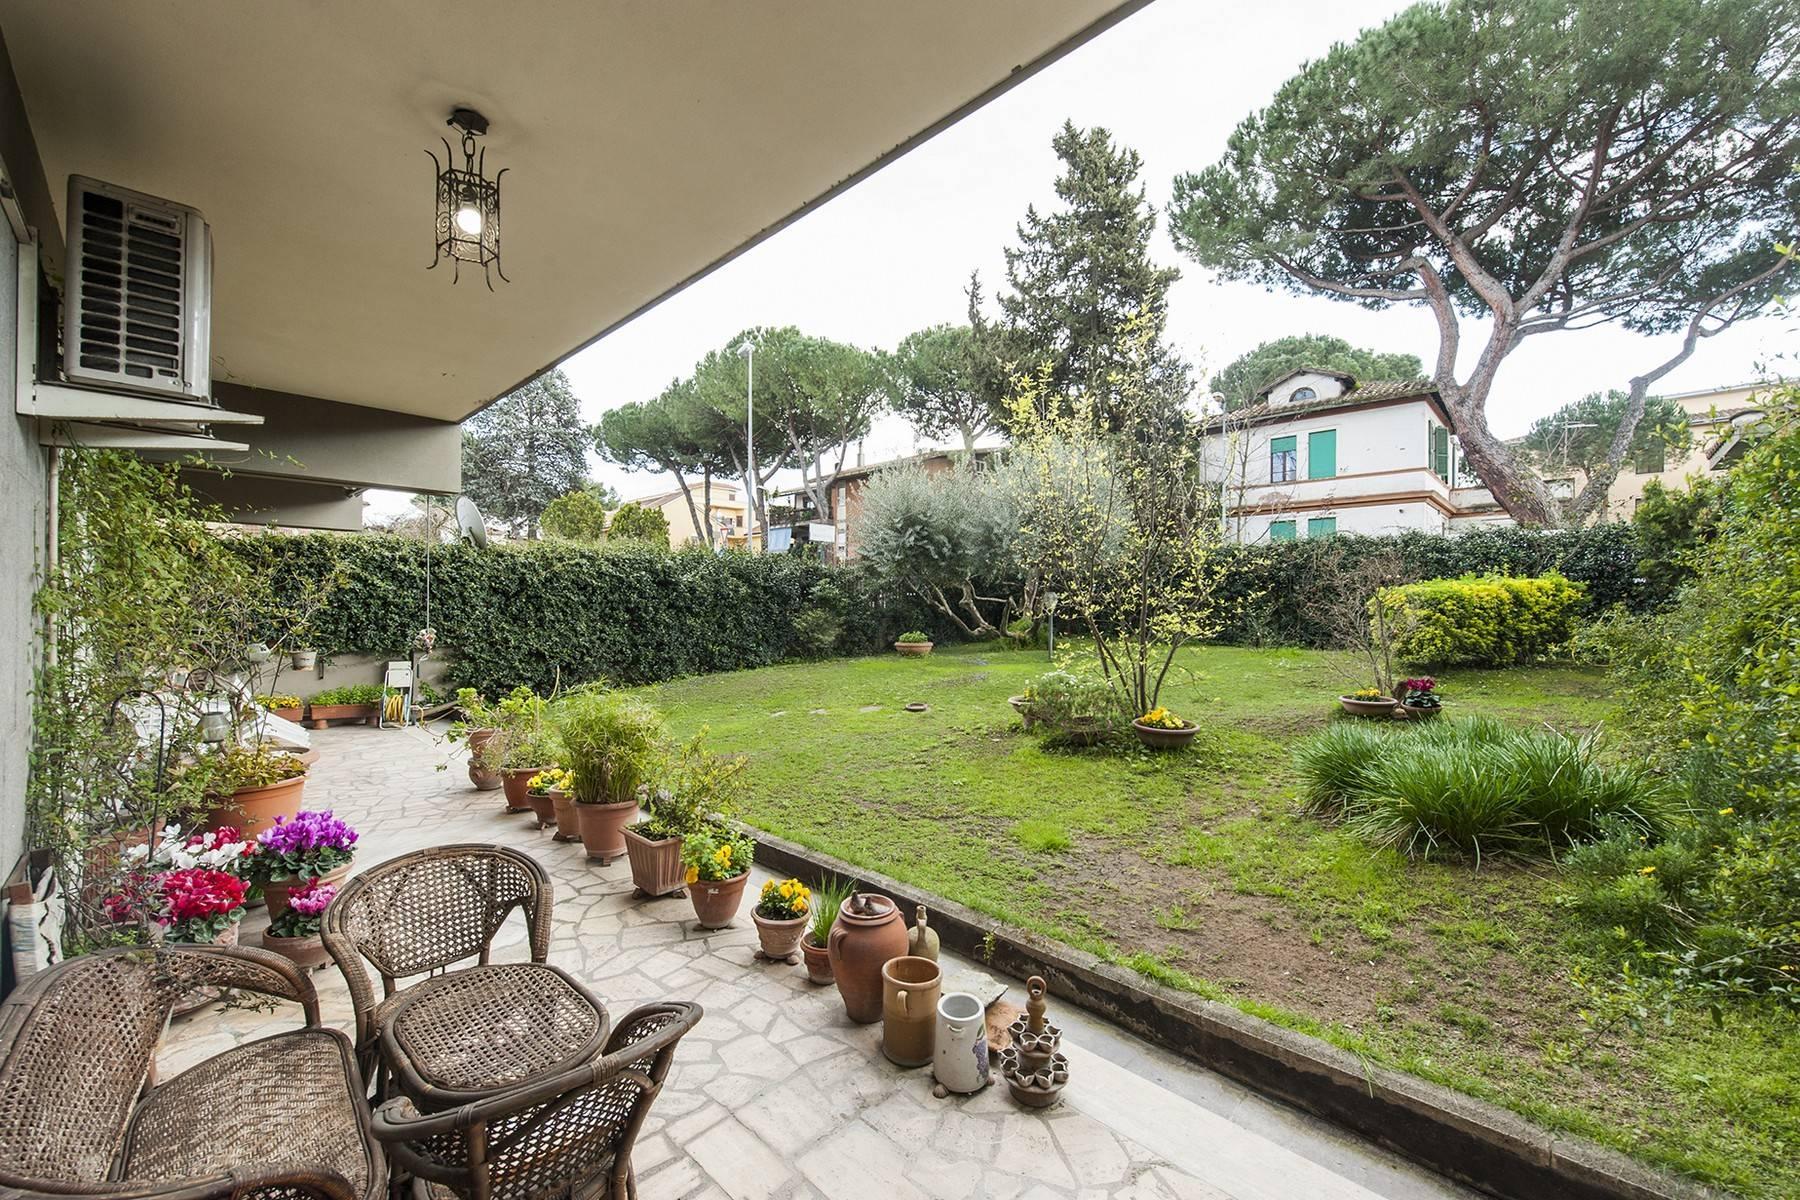 Appartamento con giardino nei pressi dell'Appia Antica - 3